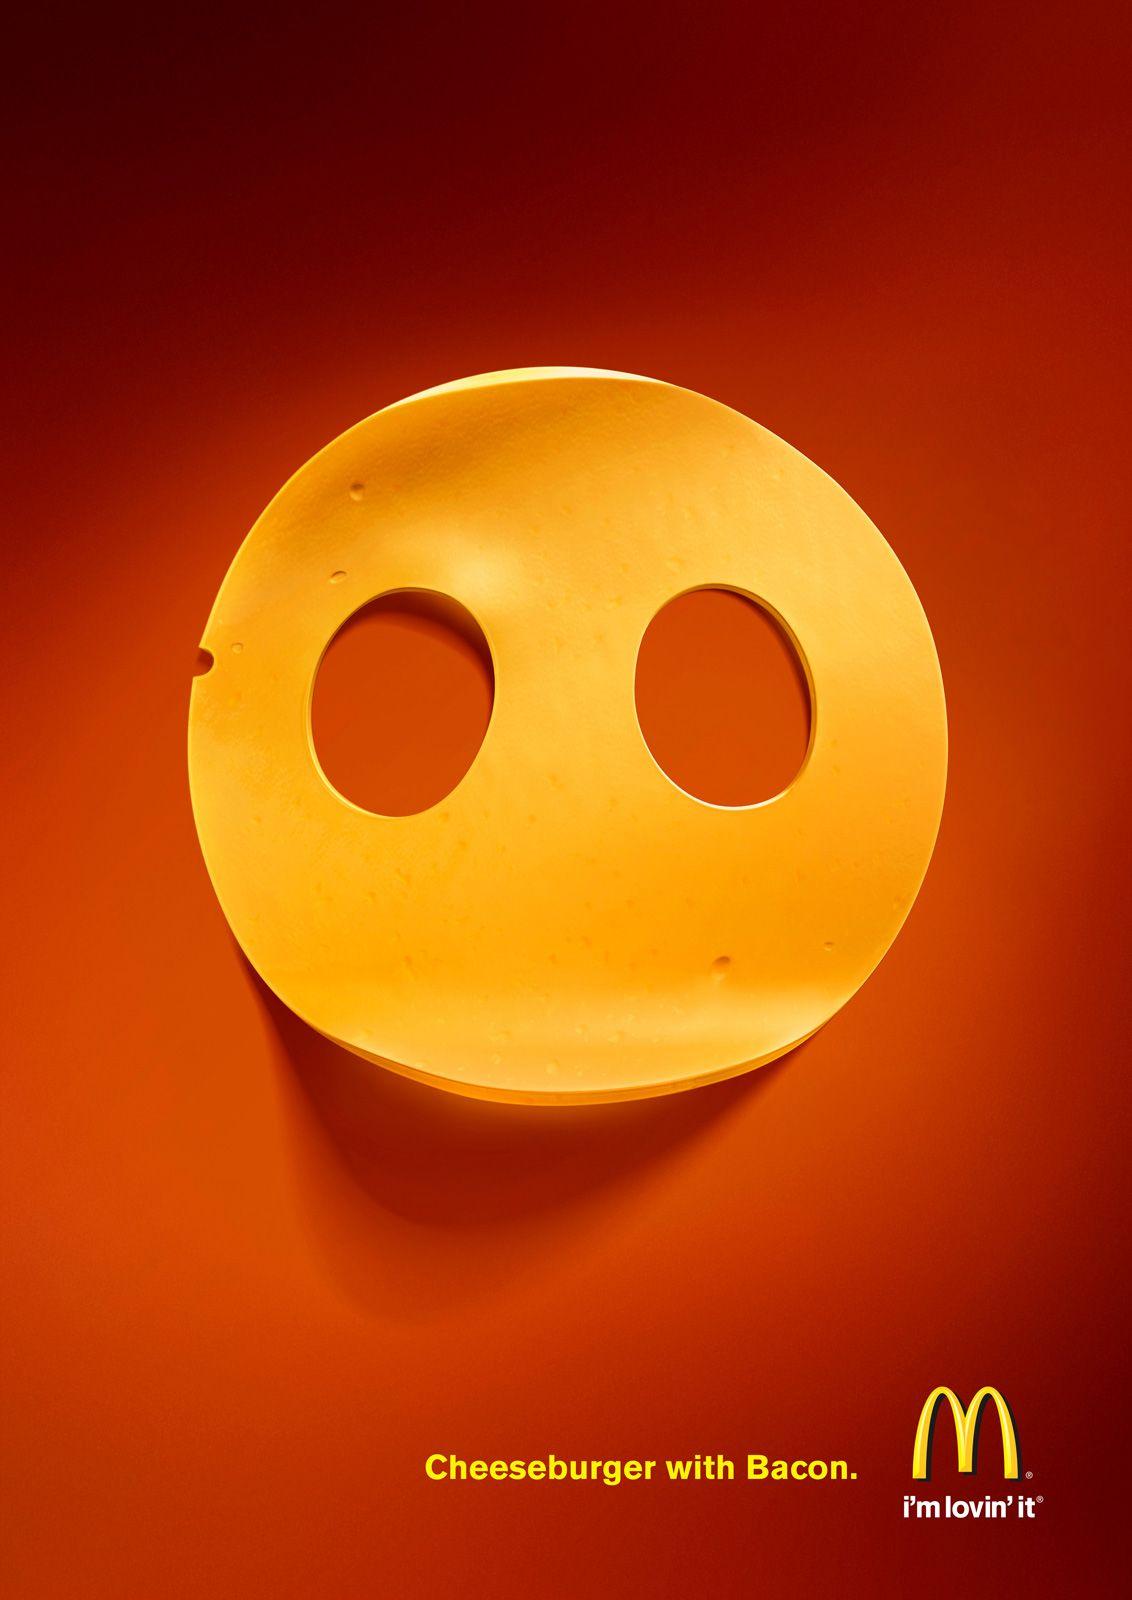 La Criatura Creativa: 20 anuncios creativos minimalistas - via http://bit.ly/epinner